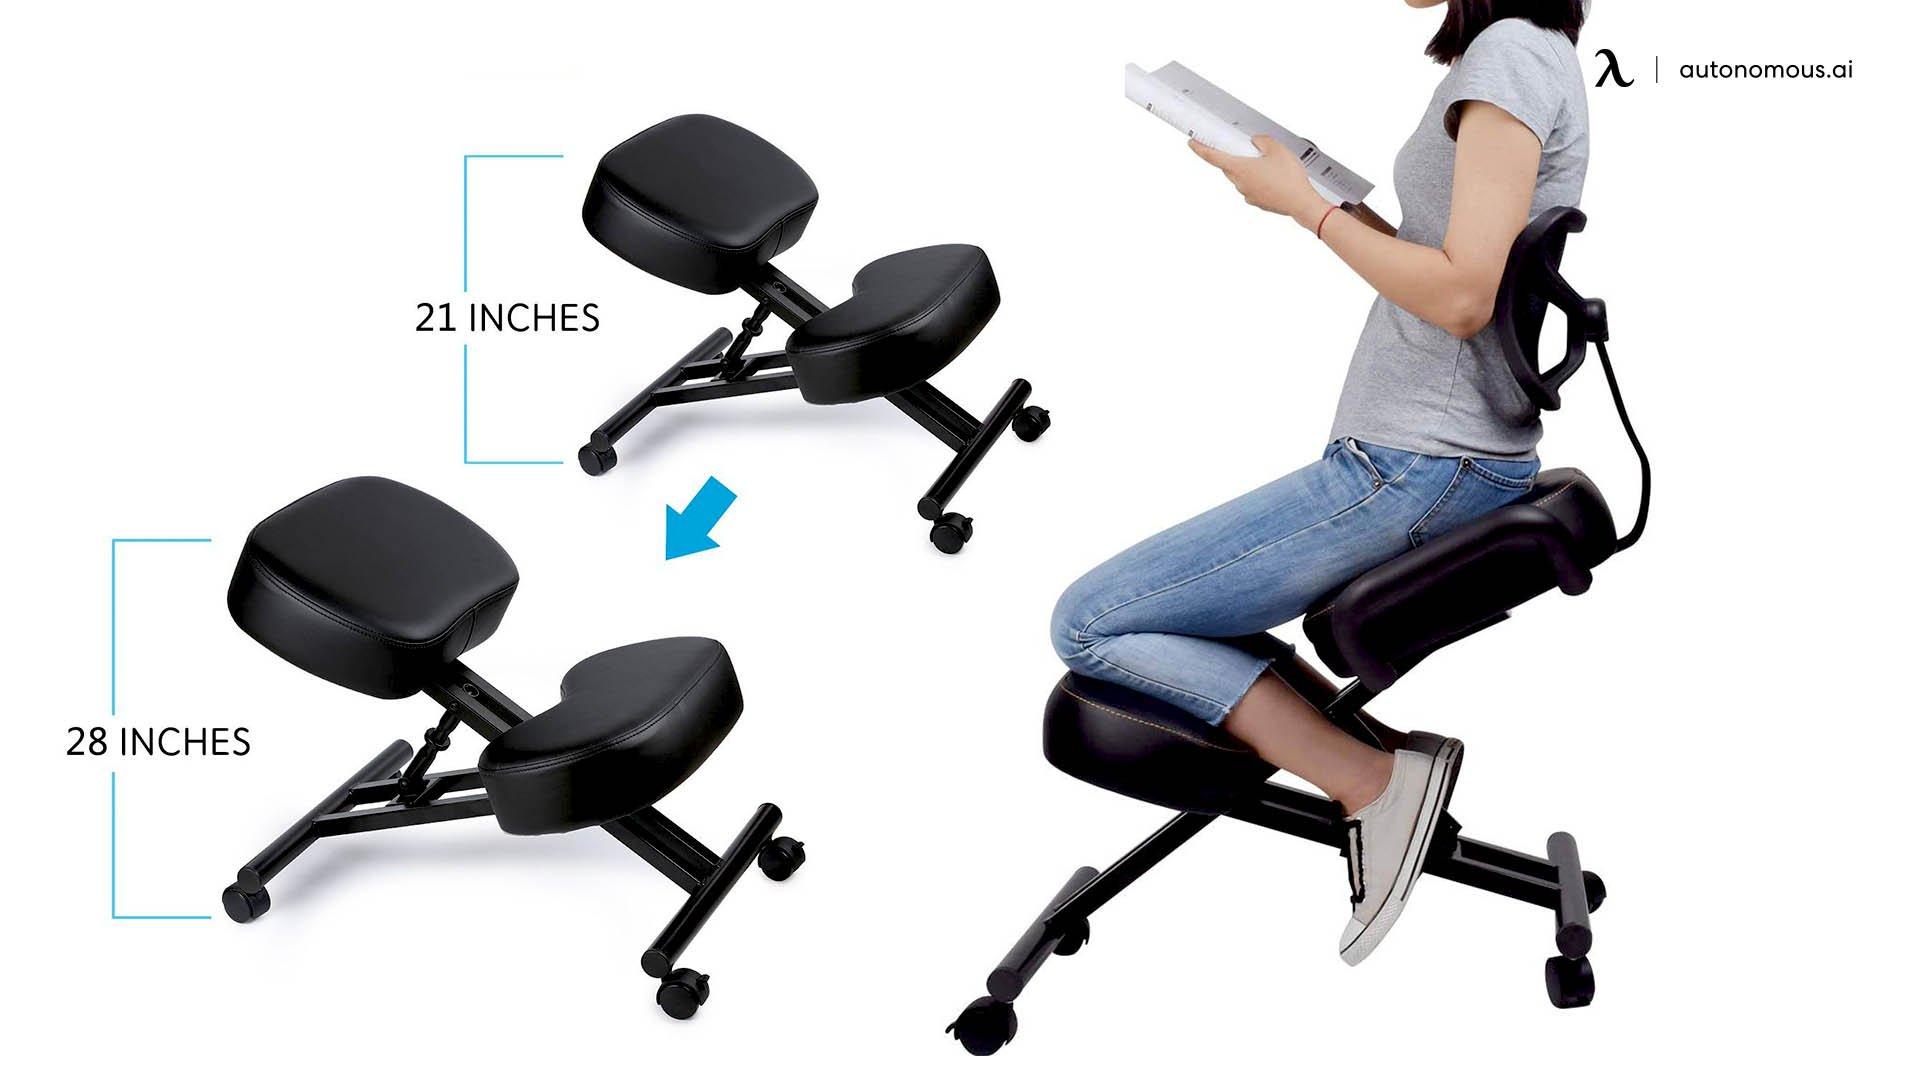 Dragonn Kneeling Ergonomic chair